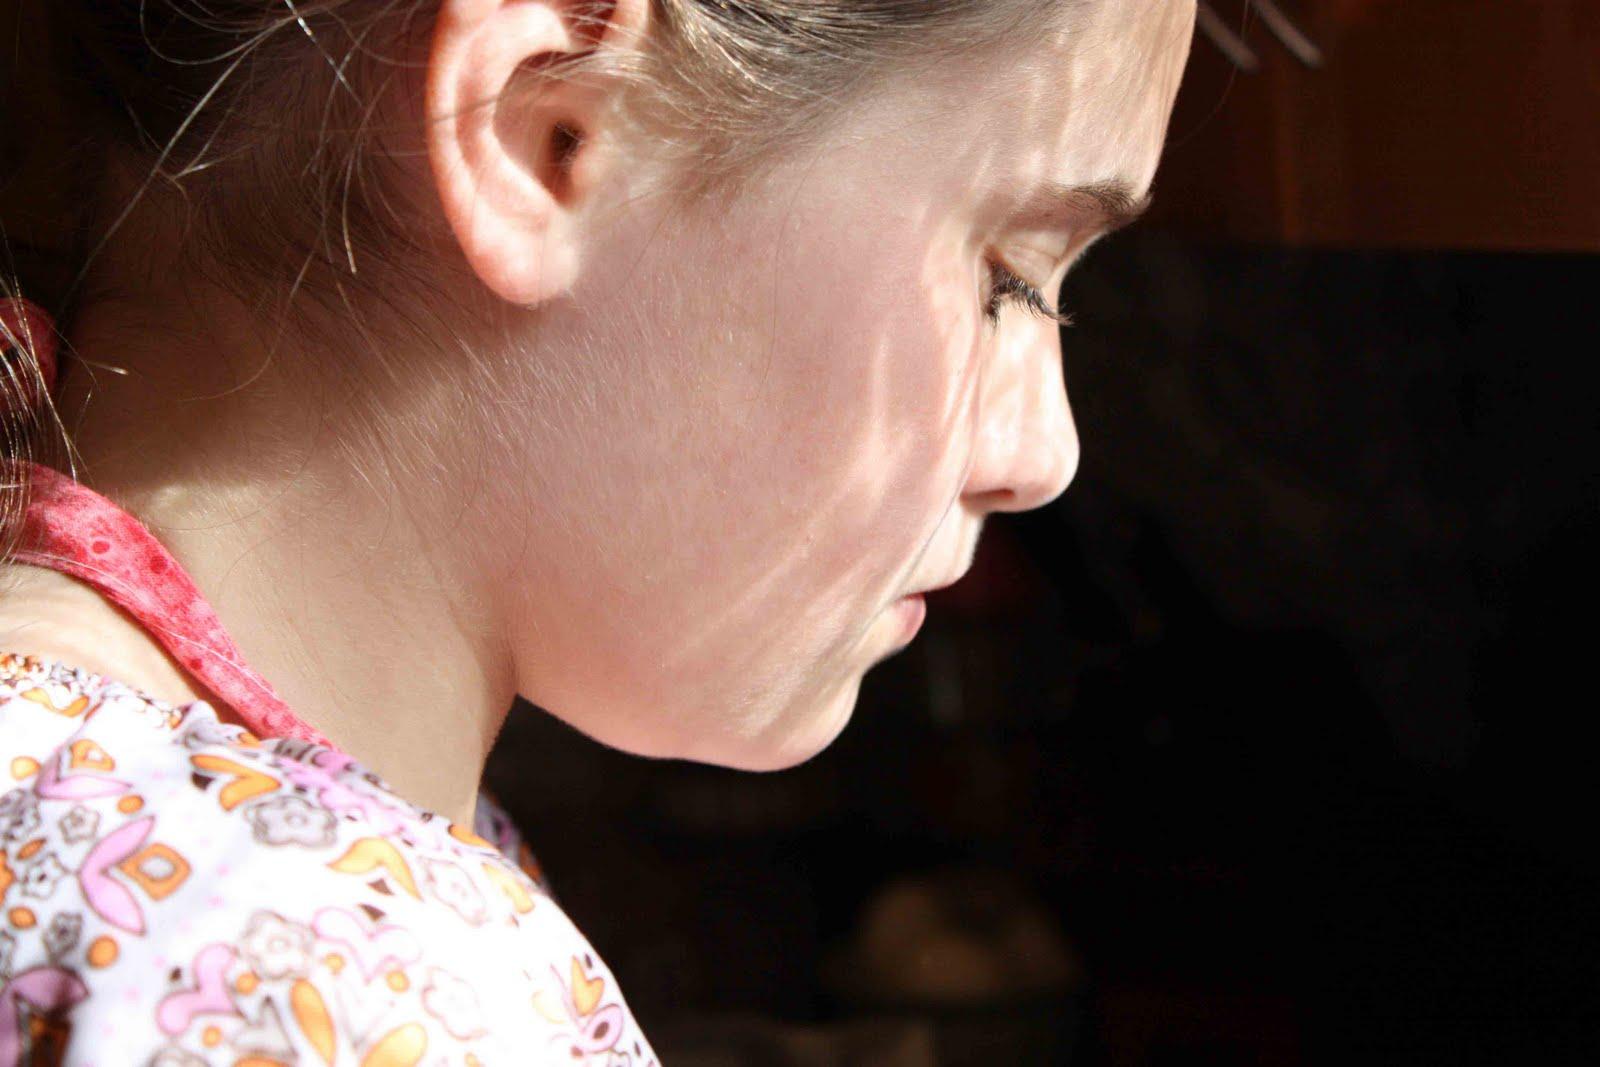 http://3.bp.blogspot.com/_KuaAihD4oVk/S9URcawibuI/AAAAAAAAMjs/0NMU3fYMYIE/s1600/concentration.jpg